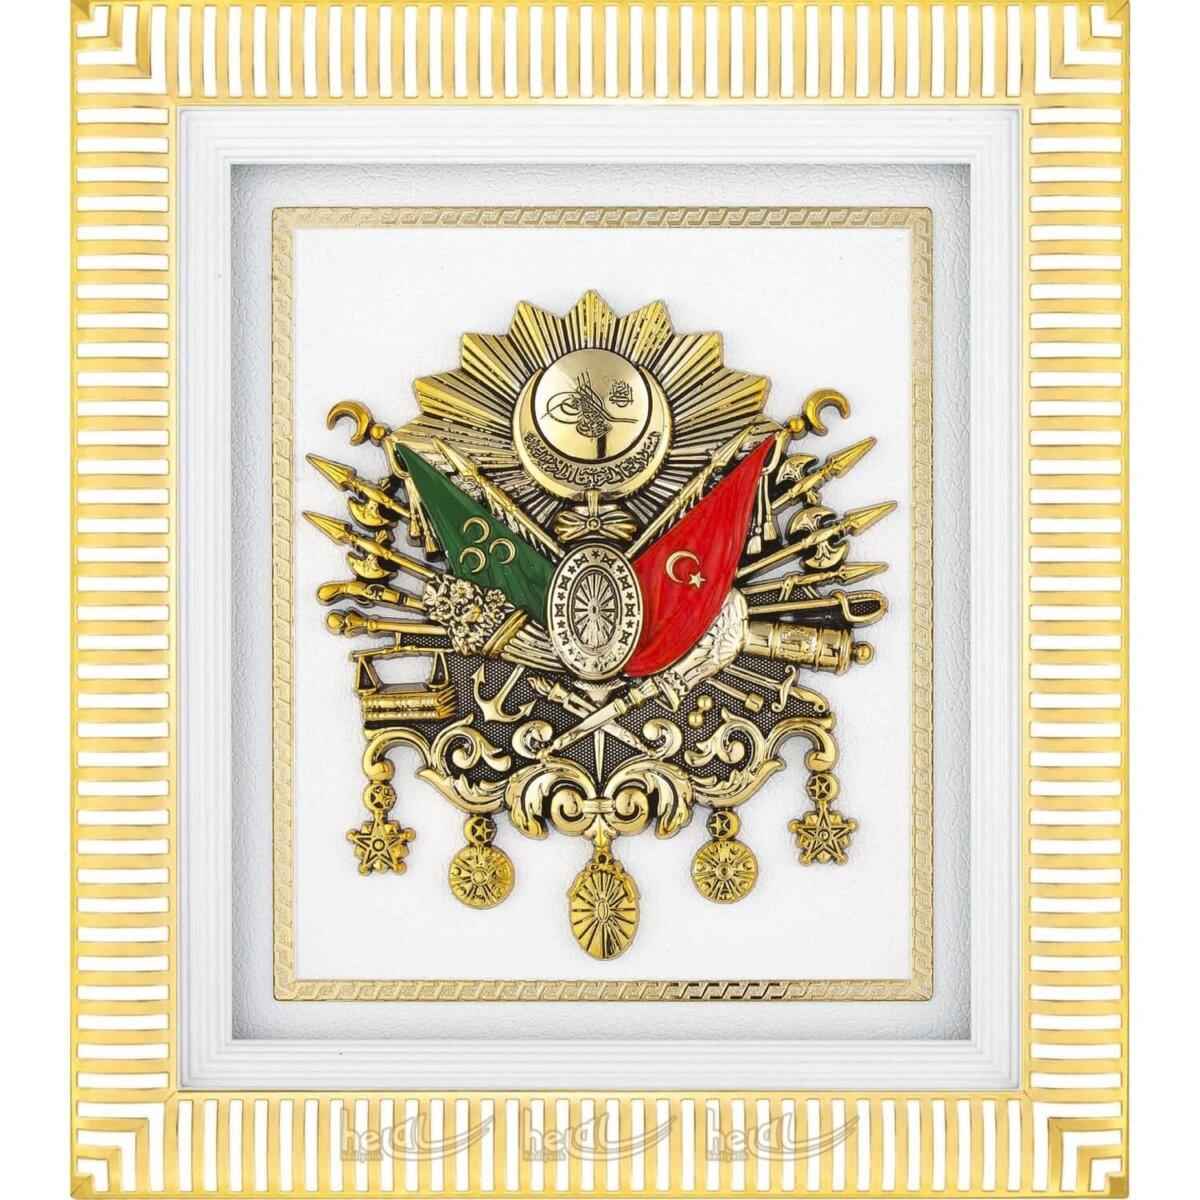 29x33cm Osmanlı Devlet Arması  Masa Üstü ve Duvara Çerçeveli Tablo Osmanlı Armaları